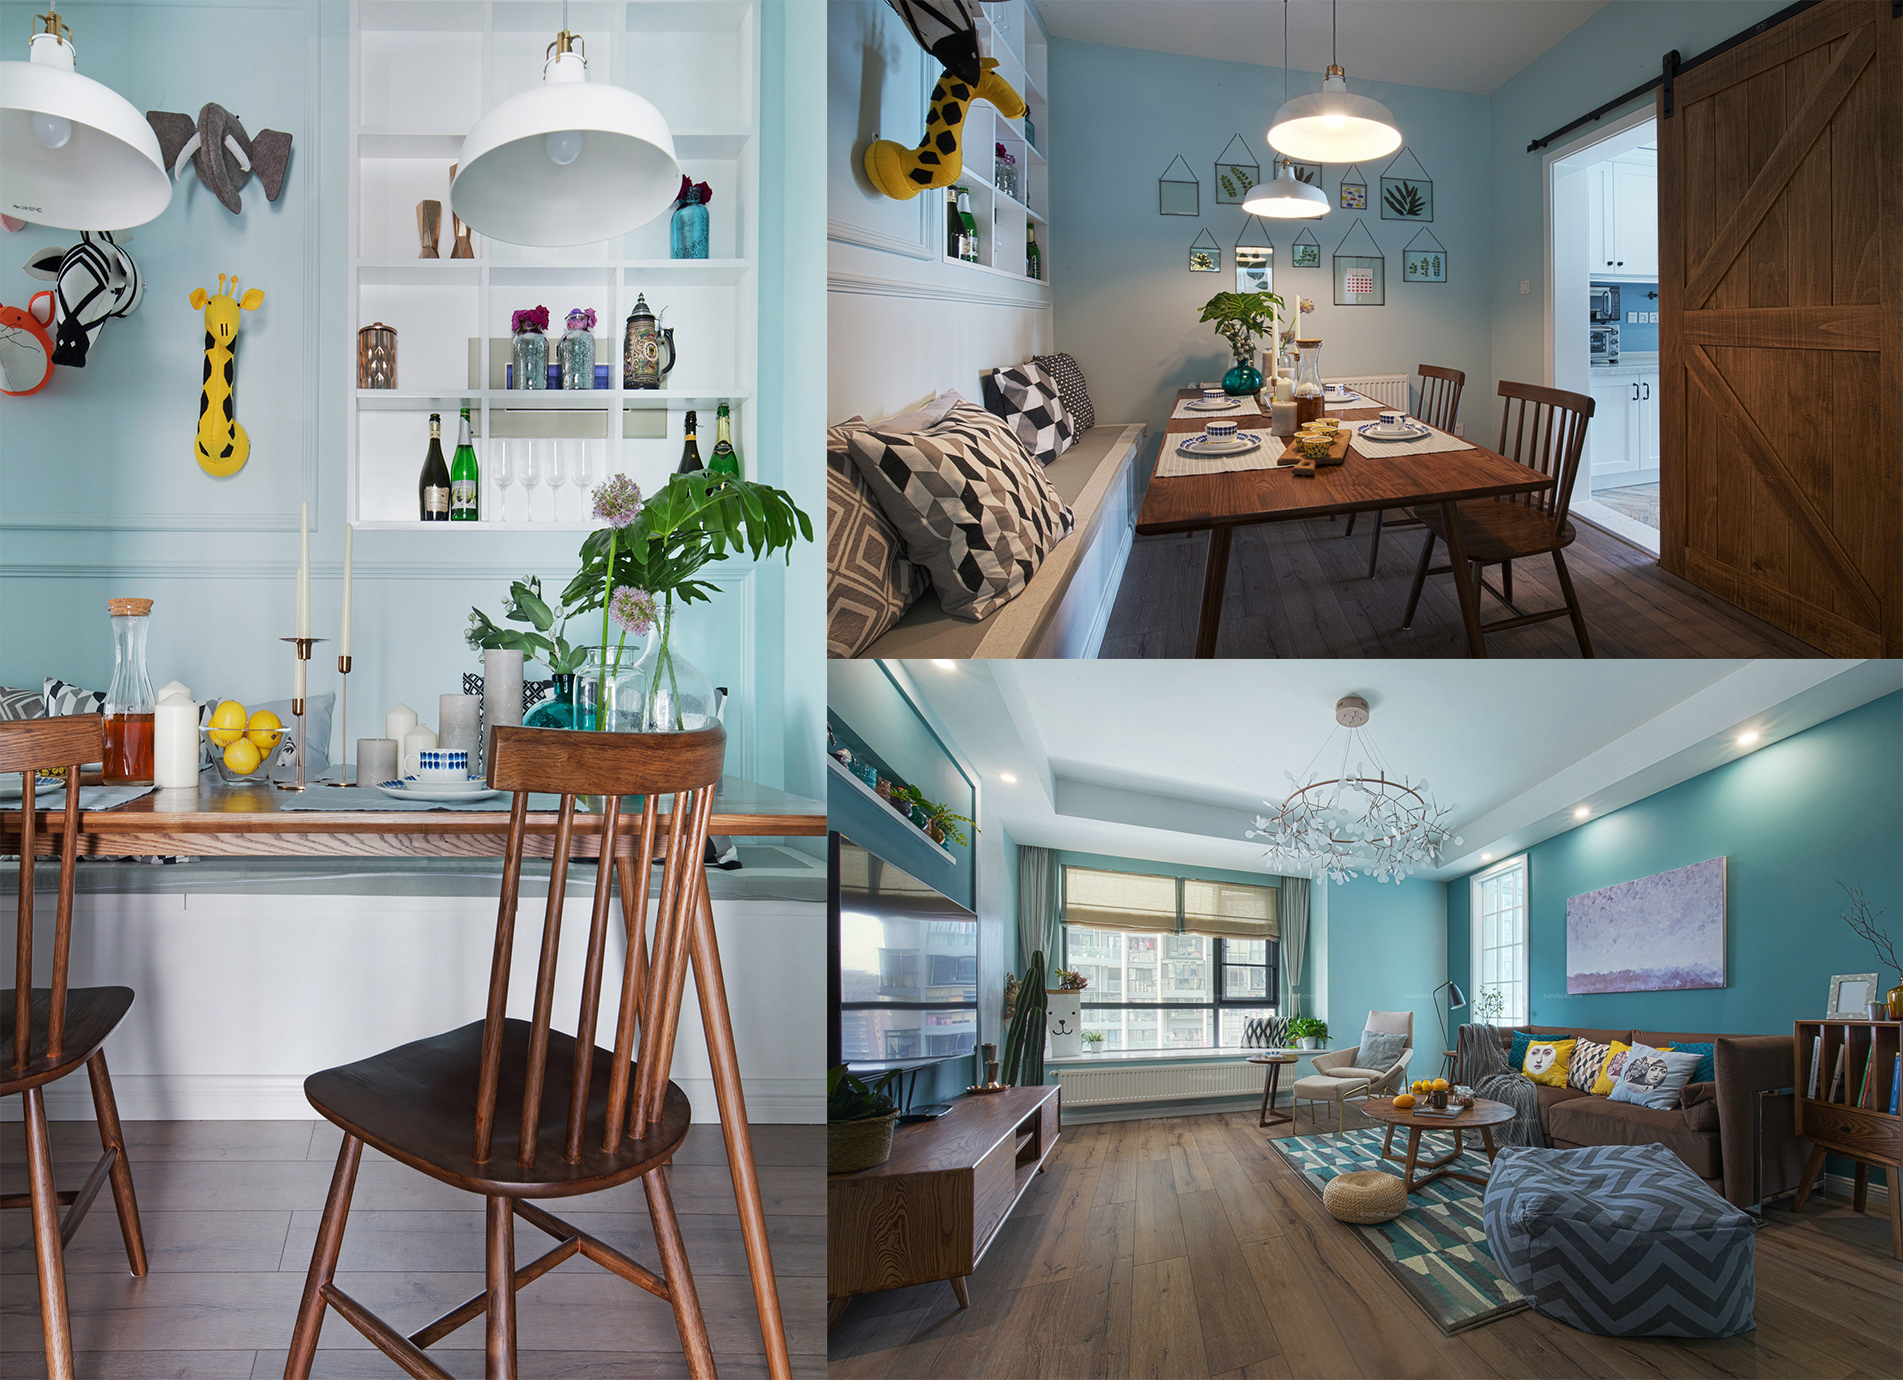 贵阳装修公司-瑞家空间工作室-主创北欧风格分享